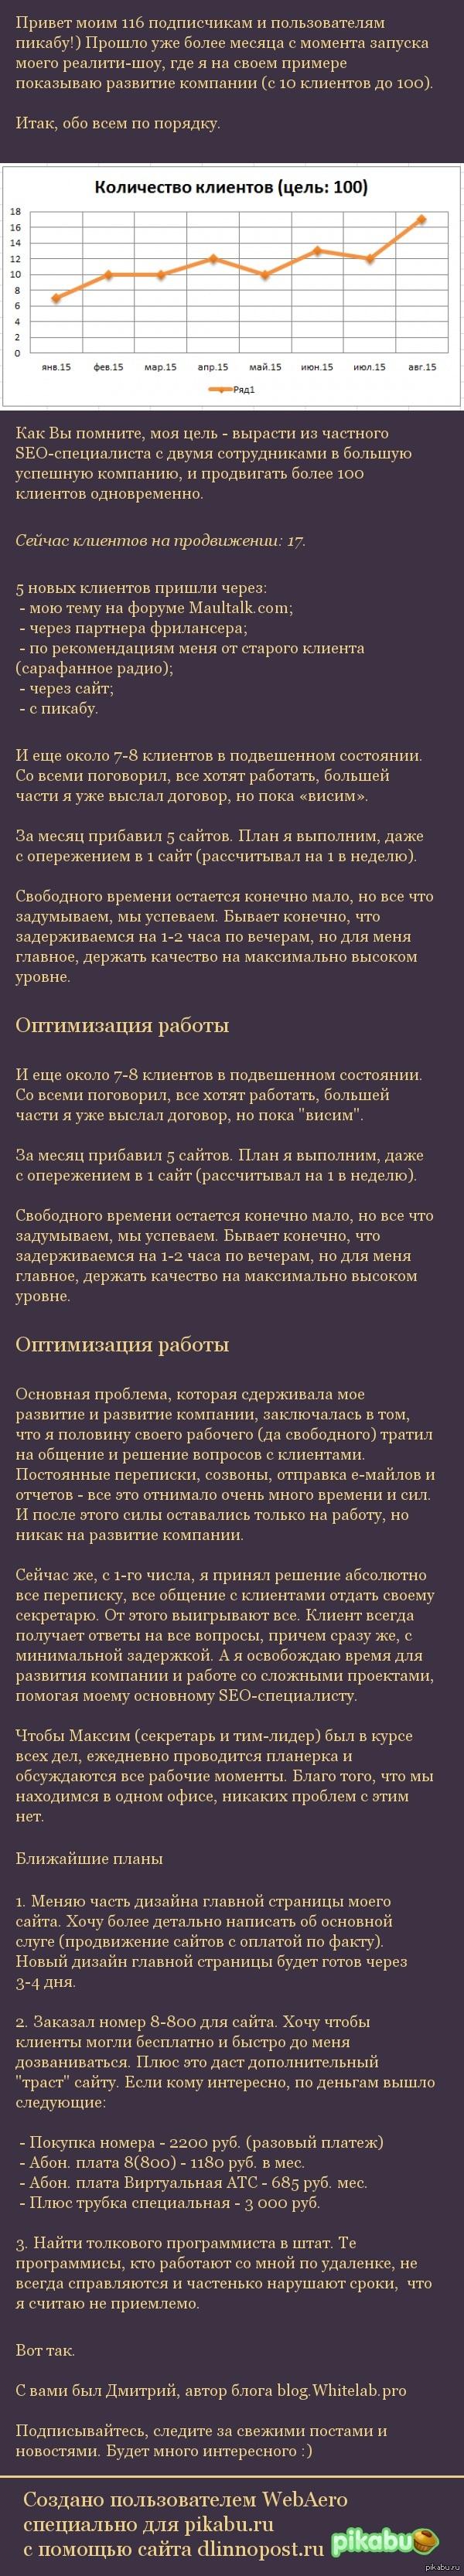 Отчет за Август 2015, подведение итогов В рамках проекта «Создание Компании в «Прямом Эфире» — Моя история» #10